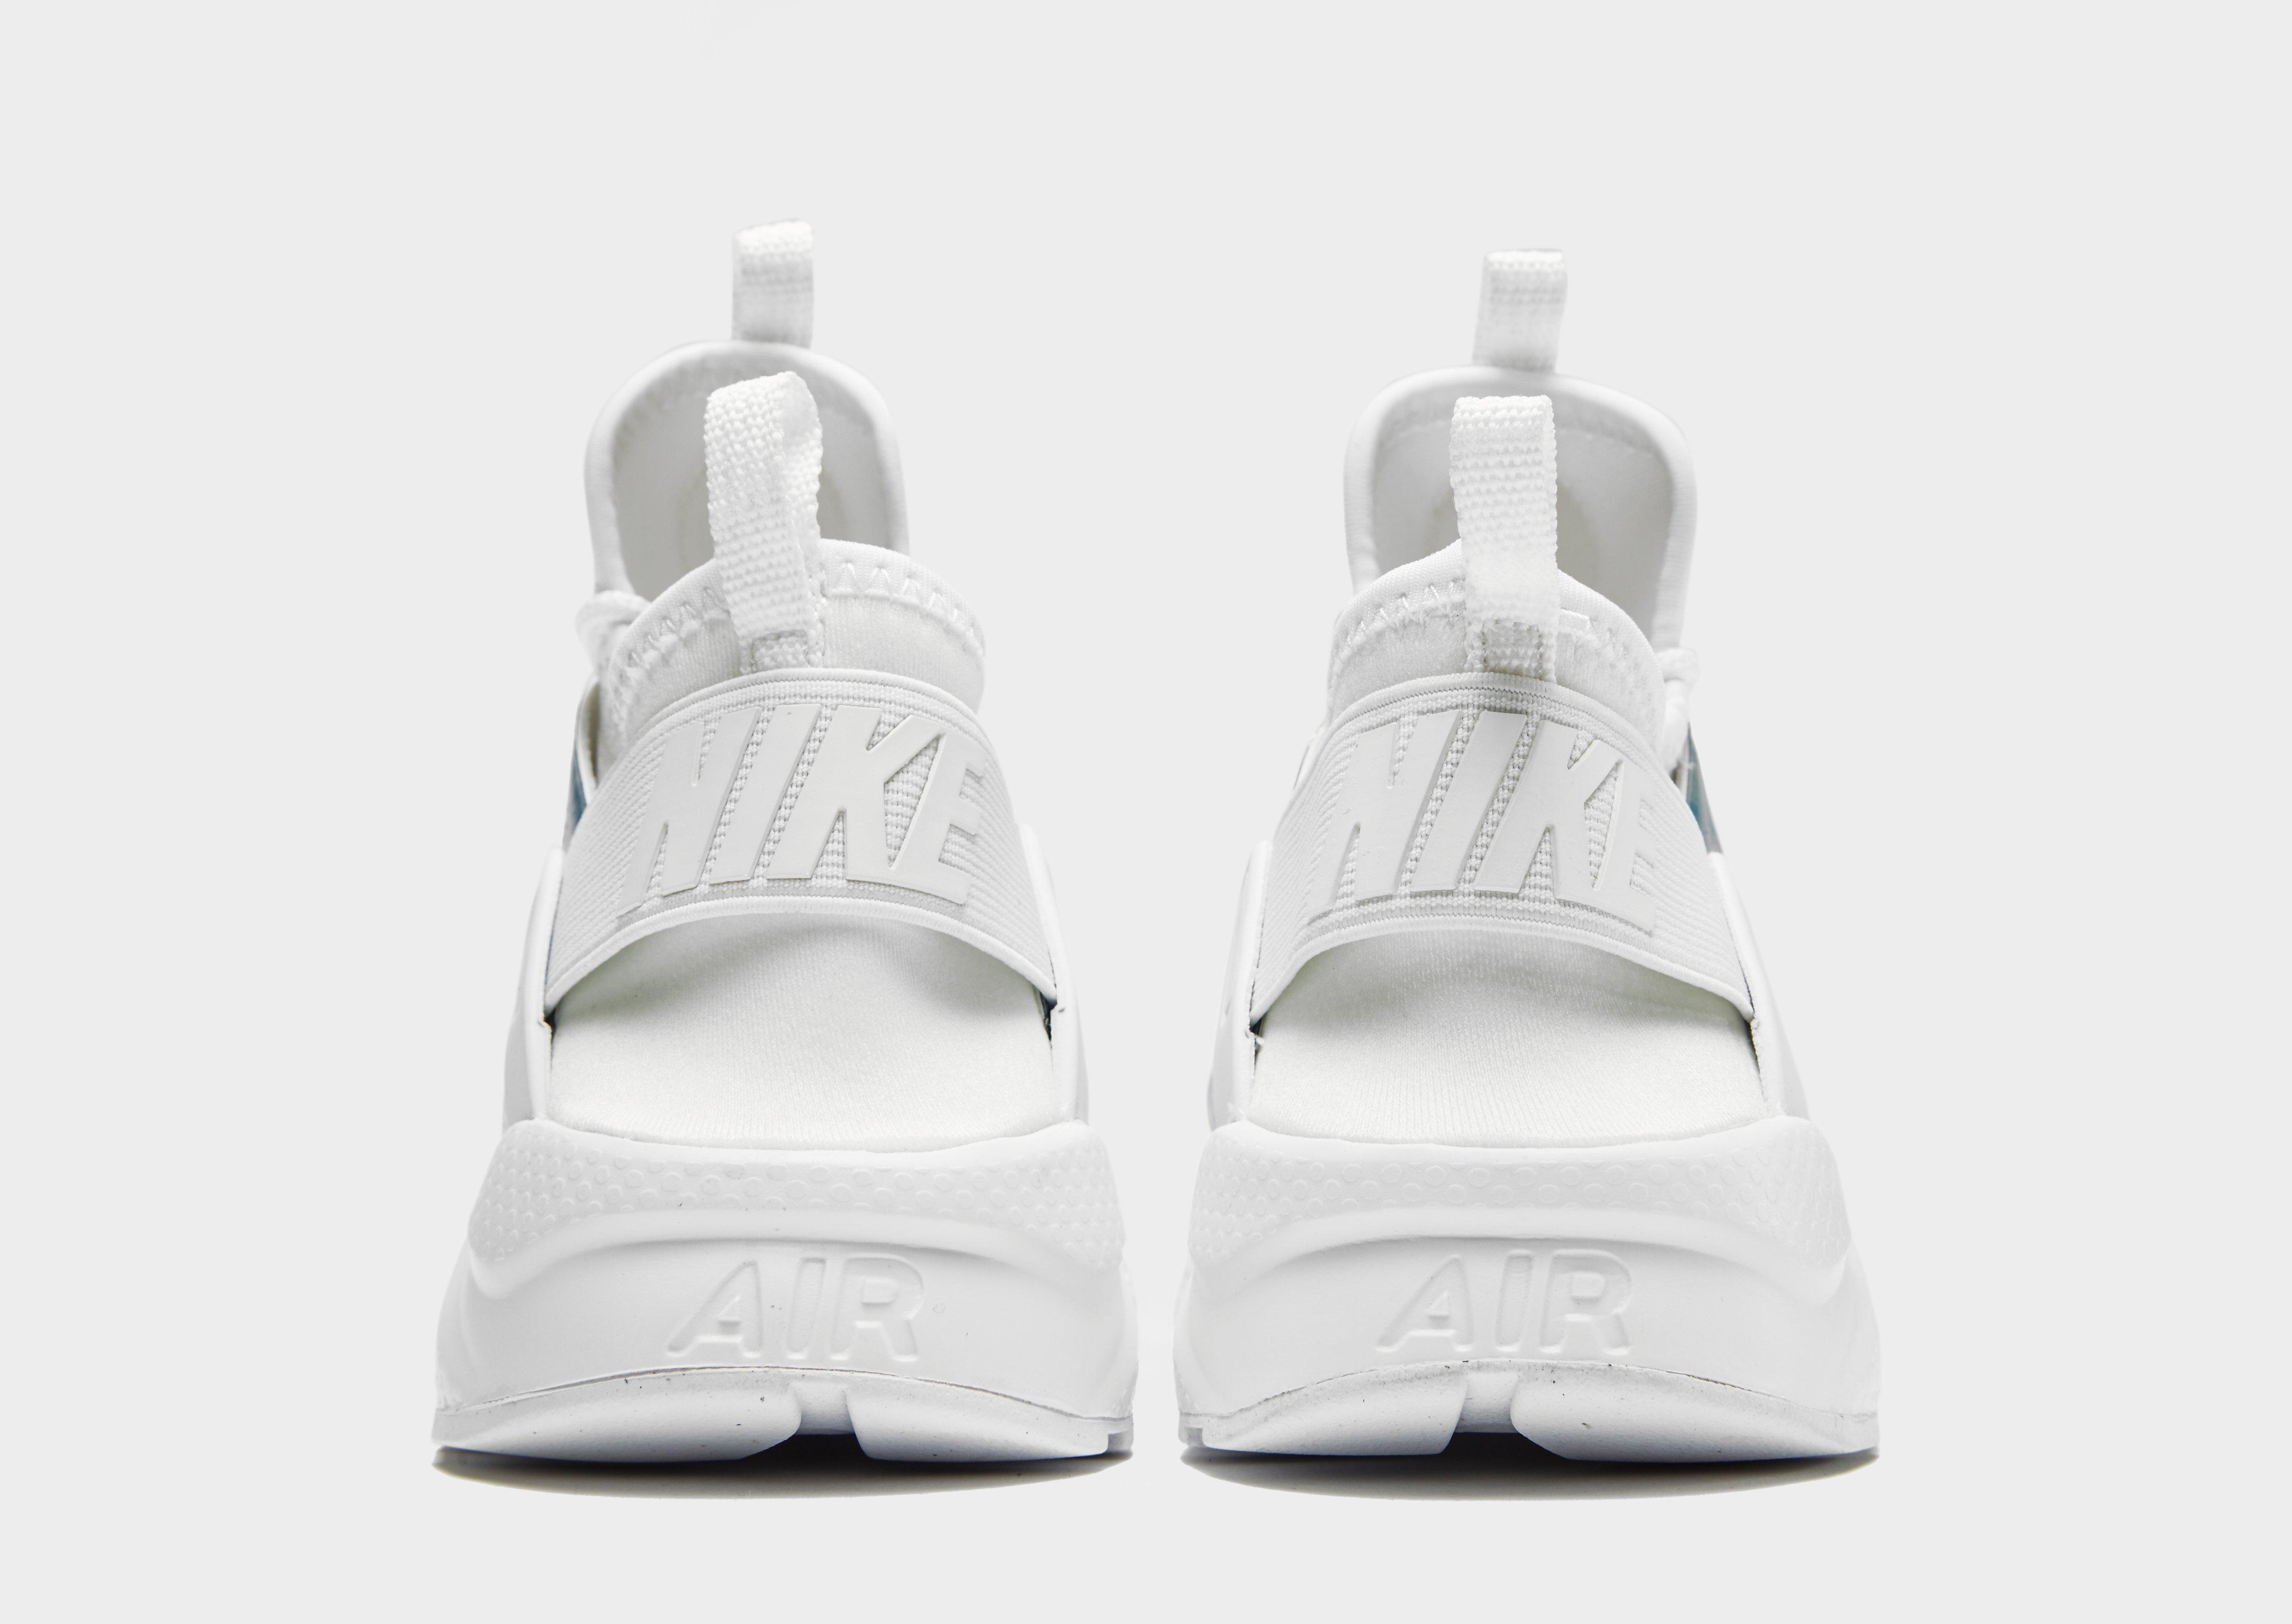 bfc7a6c50e981 Black Nike Air Presto Online | HopShopGo